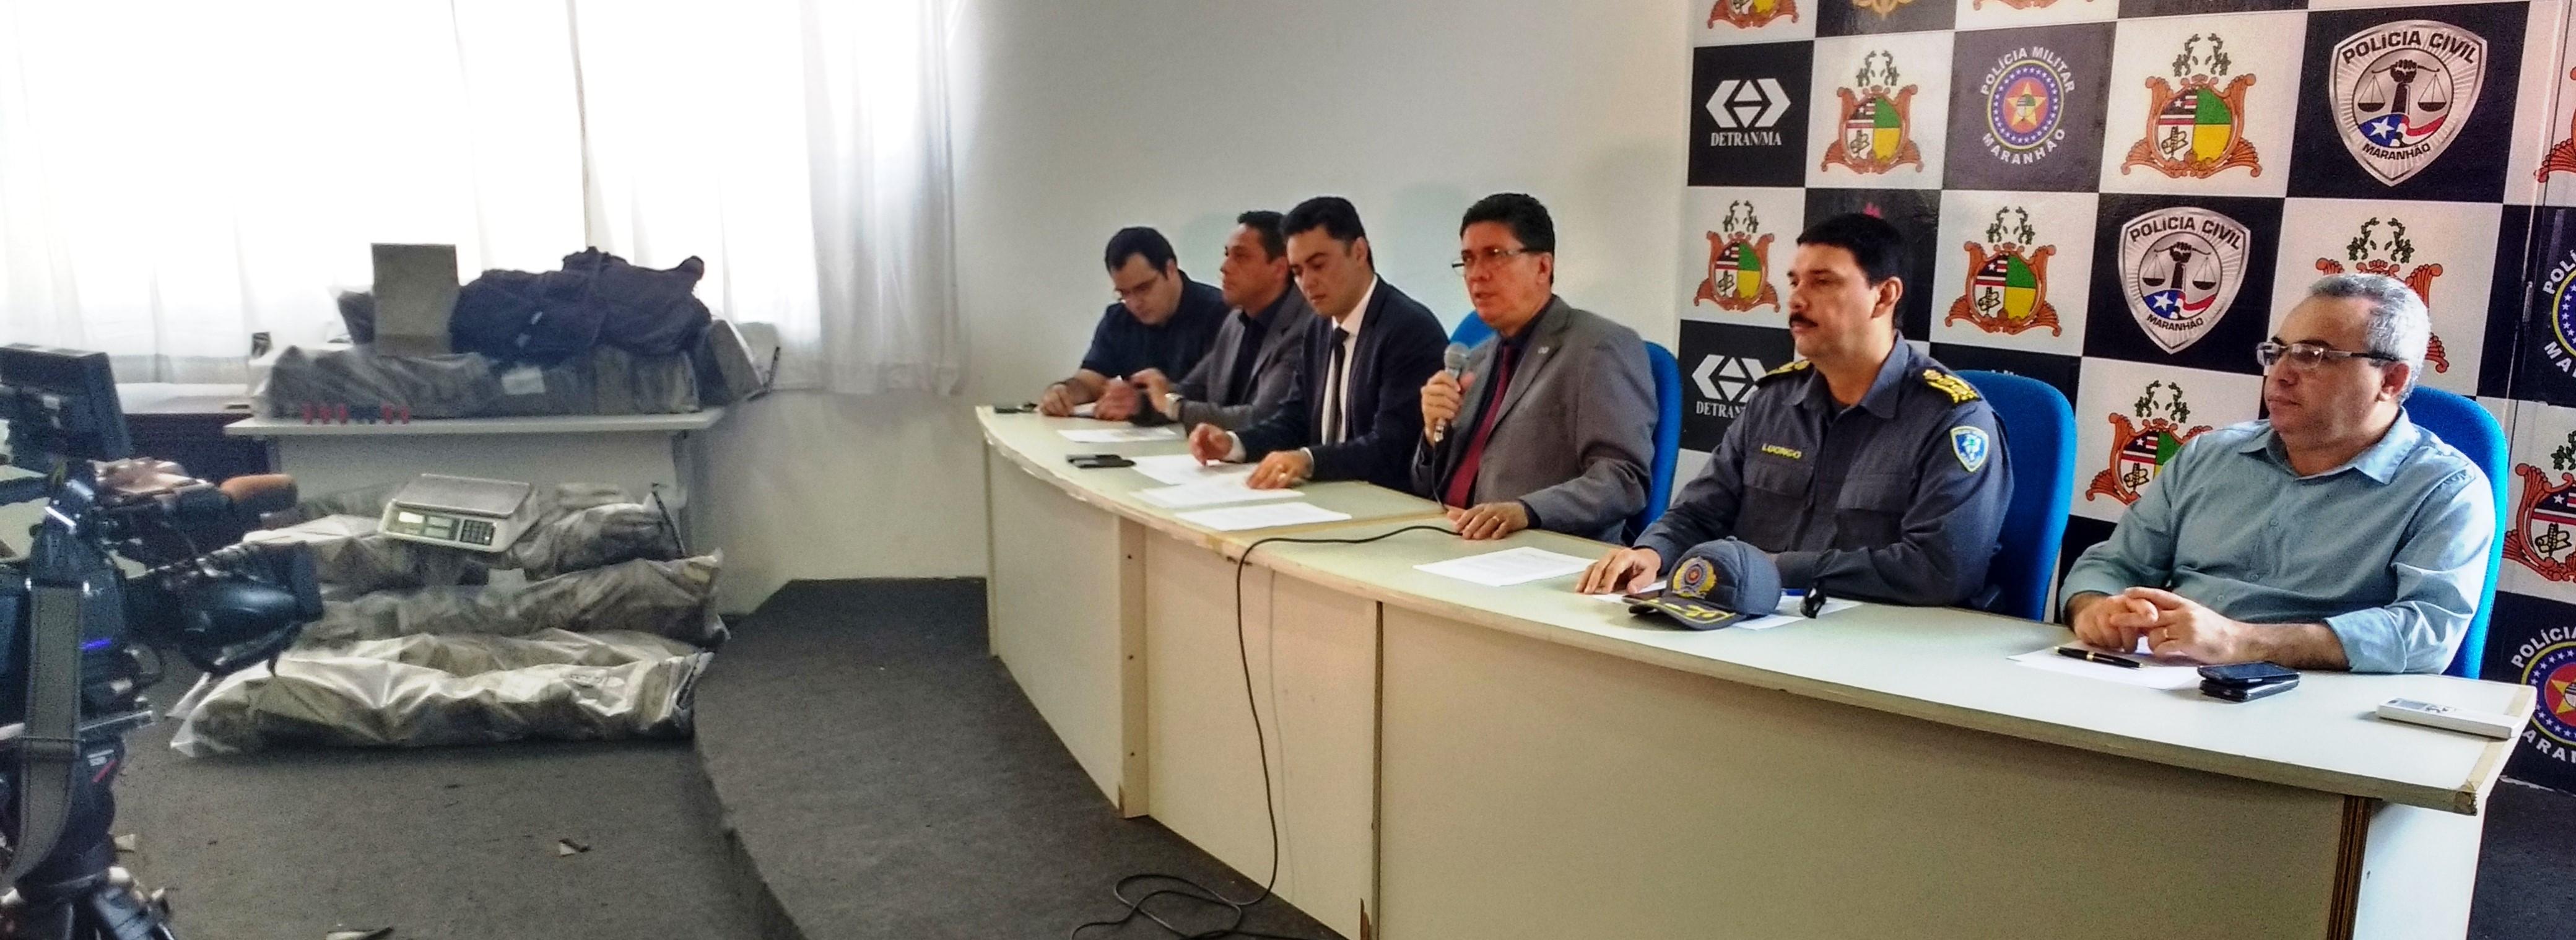 Polícia Civil apreende 127 kg de drogas em São Vicente de Ferrer